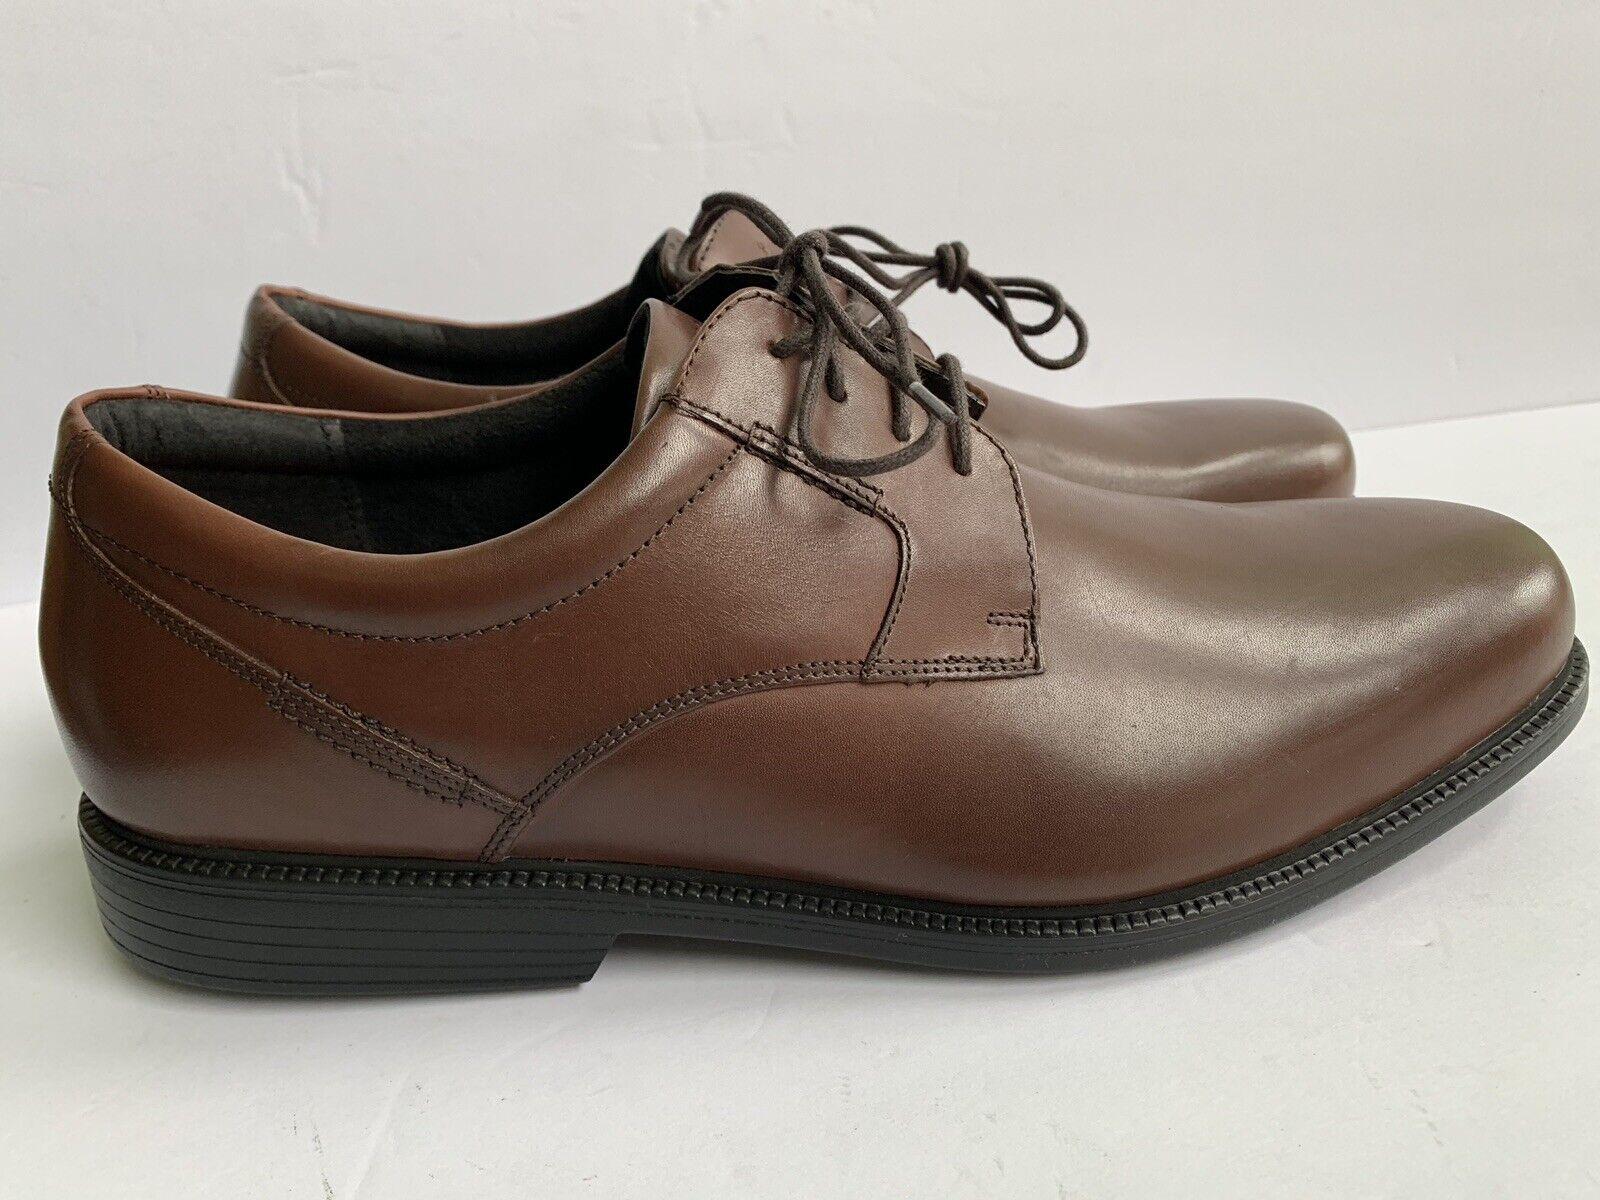 Adidas para hombre marrón 13 Hombre US tamaño del zapato   eBay